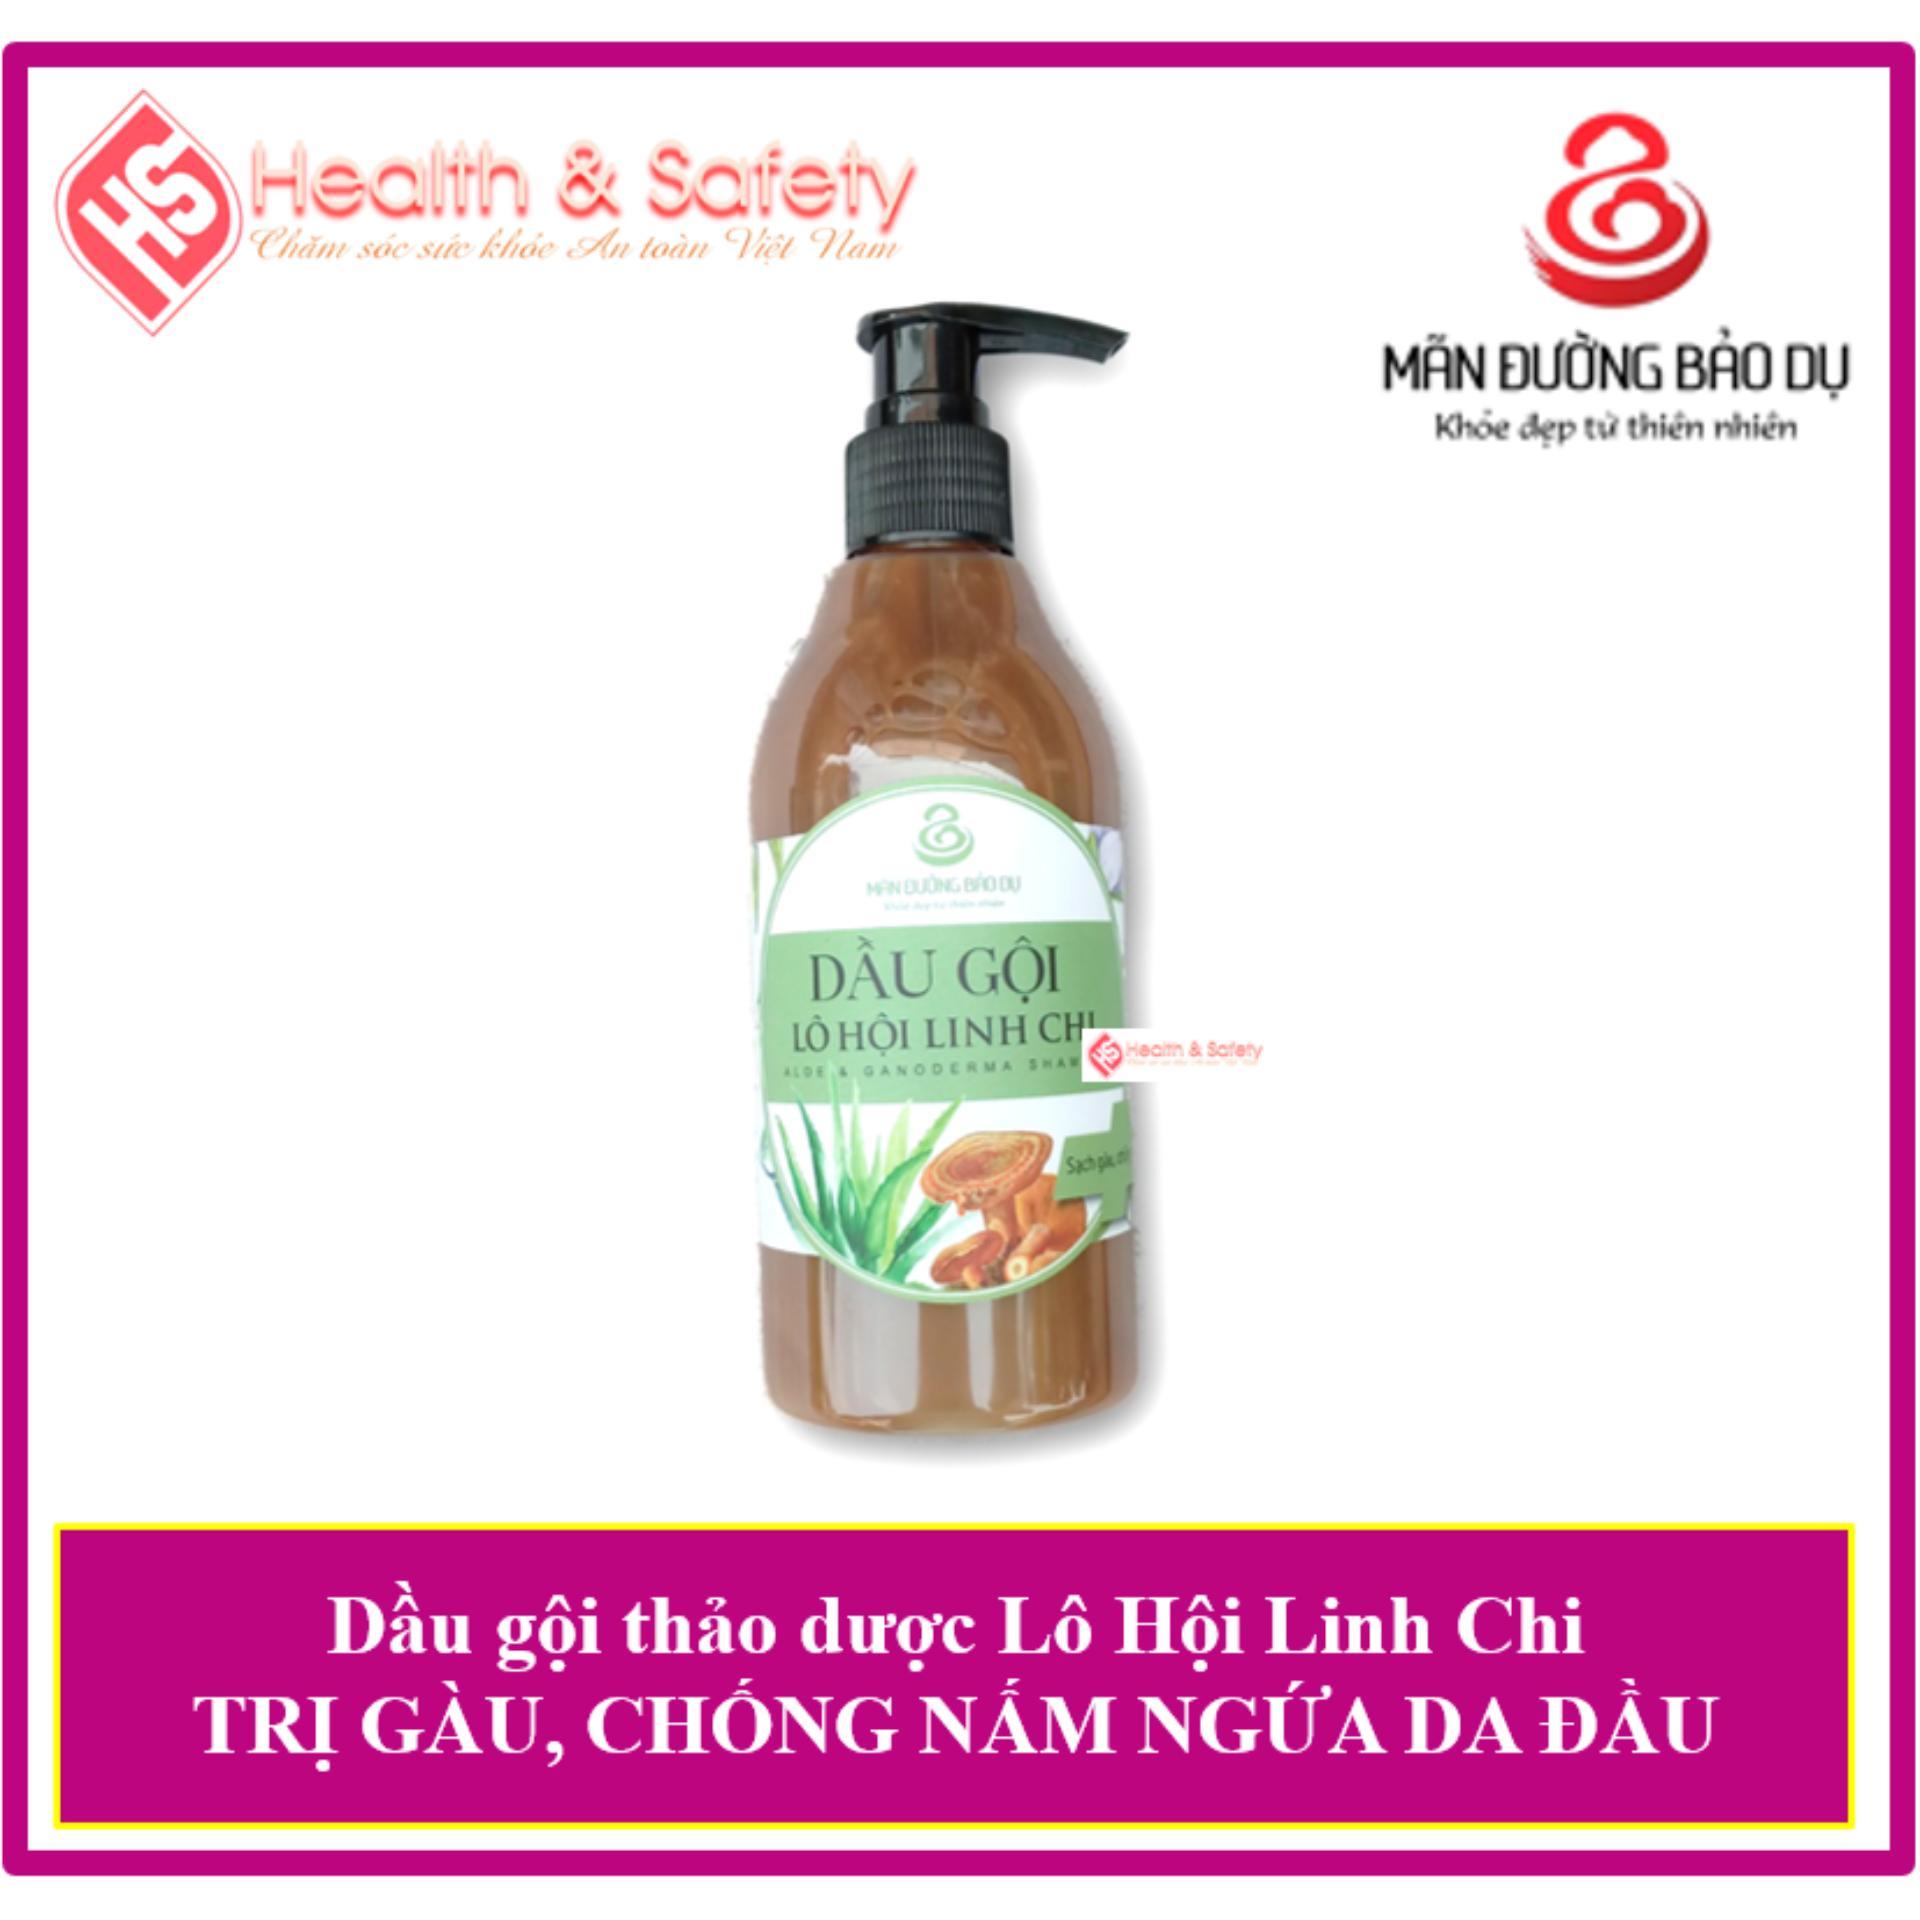 Dầu gội thảo dược Lô Hội Linh Chi ngăn ngừa rụng tóc, trị gàu, dưỡng tóc, làm đen tóc, hồi phục tóc hư tổn giá rẻ